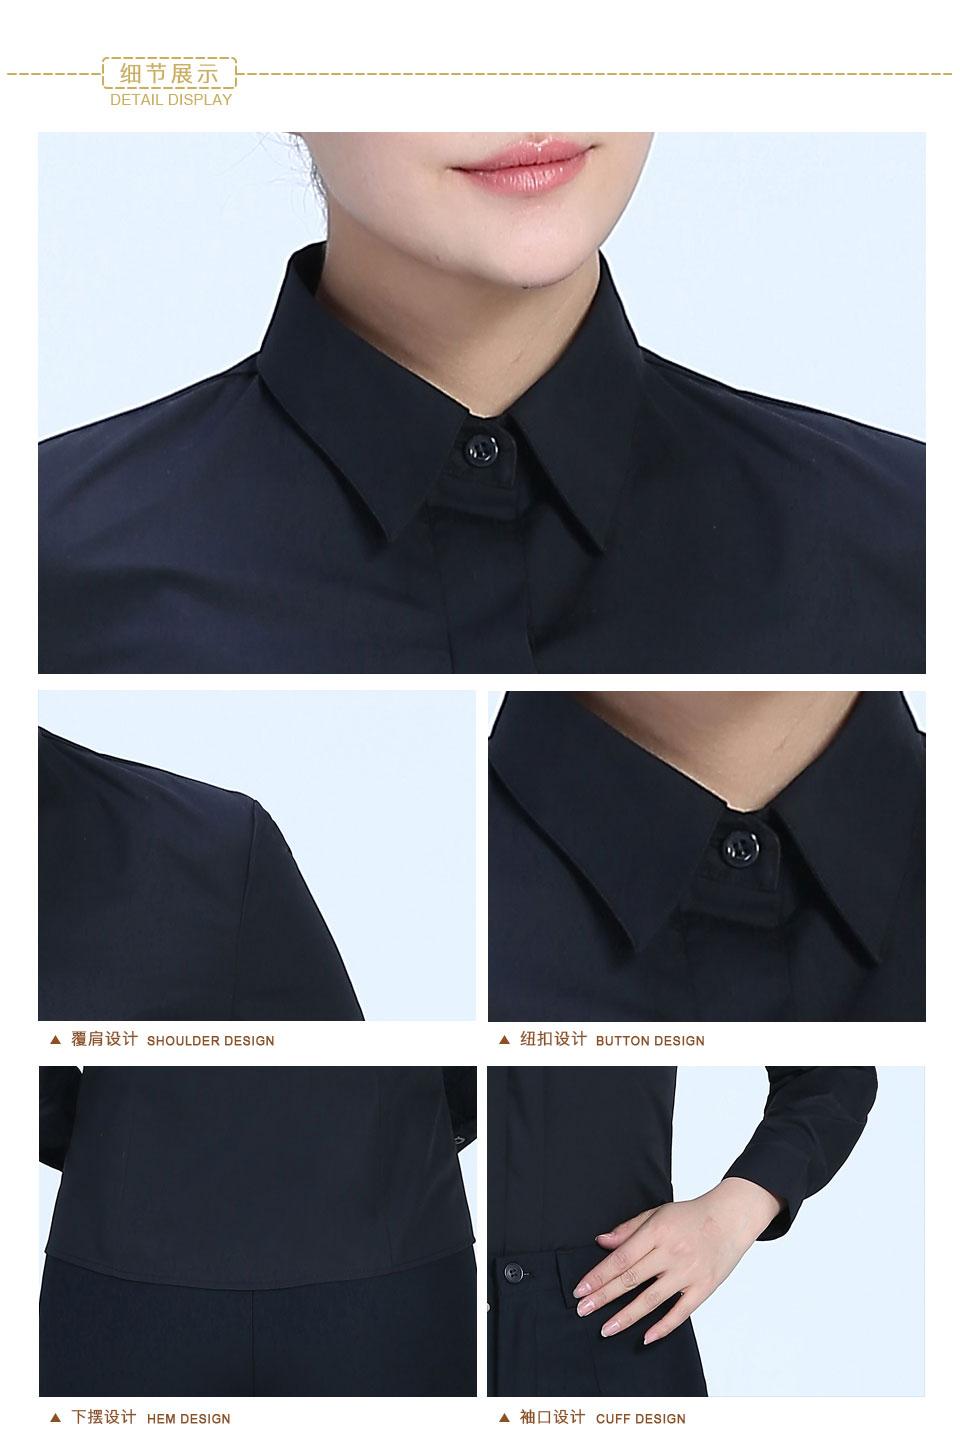 新款衬衫黑色女黑色暗扣商务万博体育man下载长袖衬衫